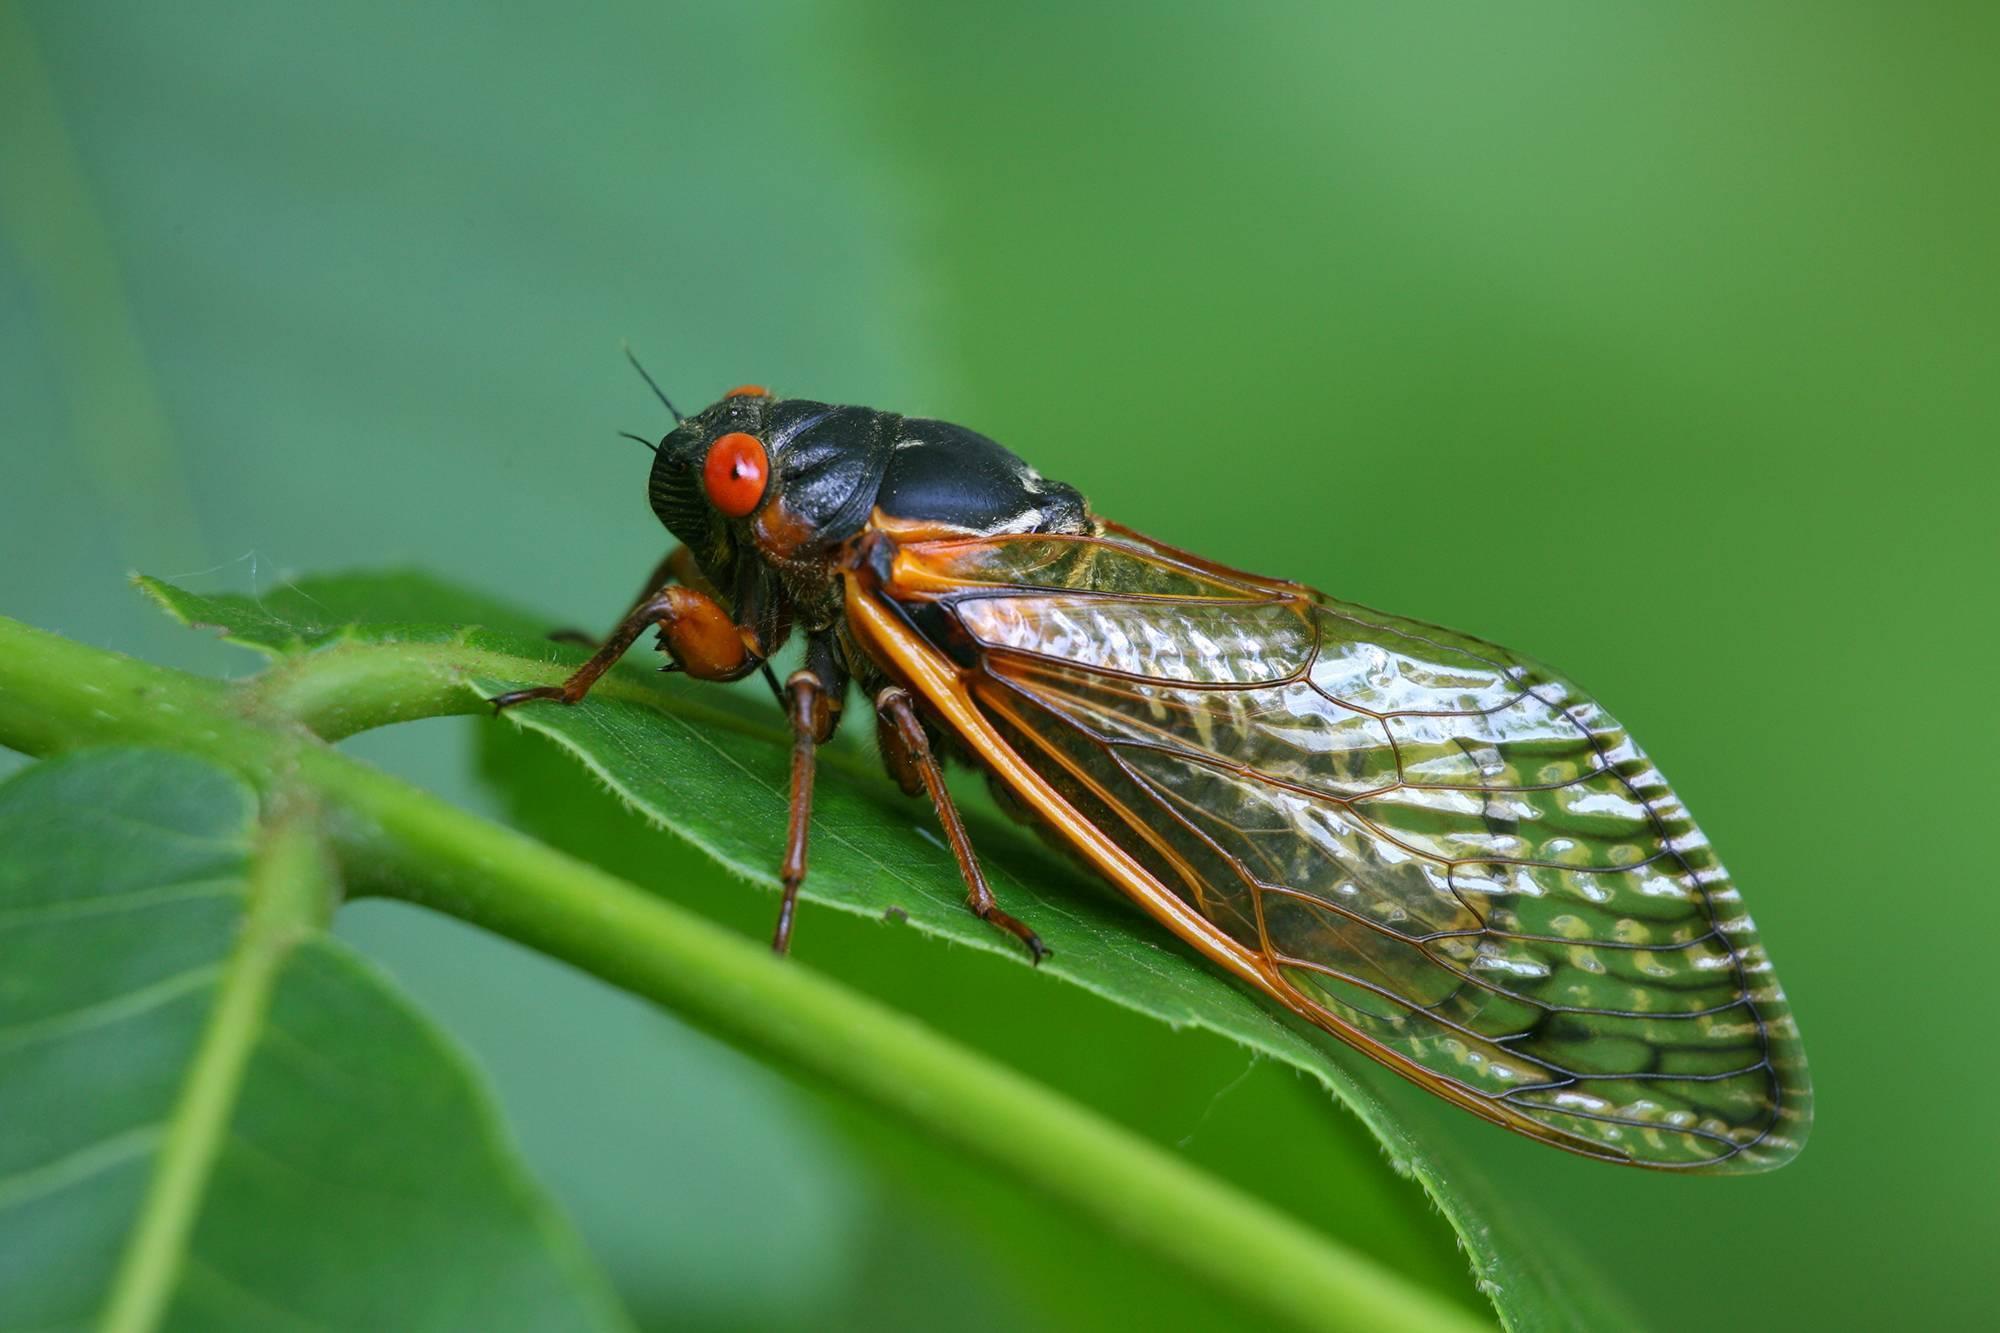 Цикада насекомое. Описание, особенности, виды, образ жизни и среда обитания цикады